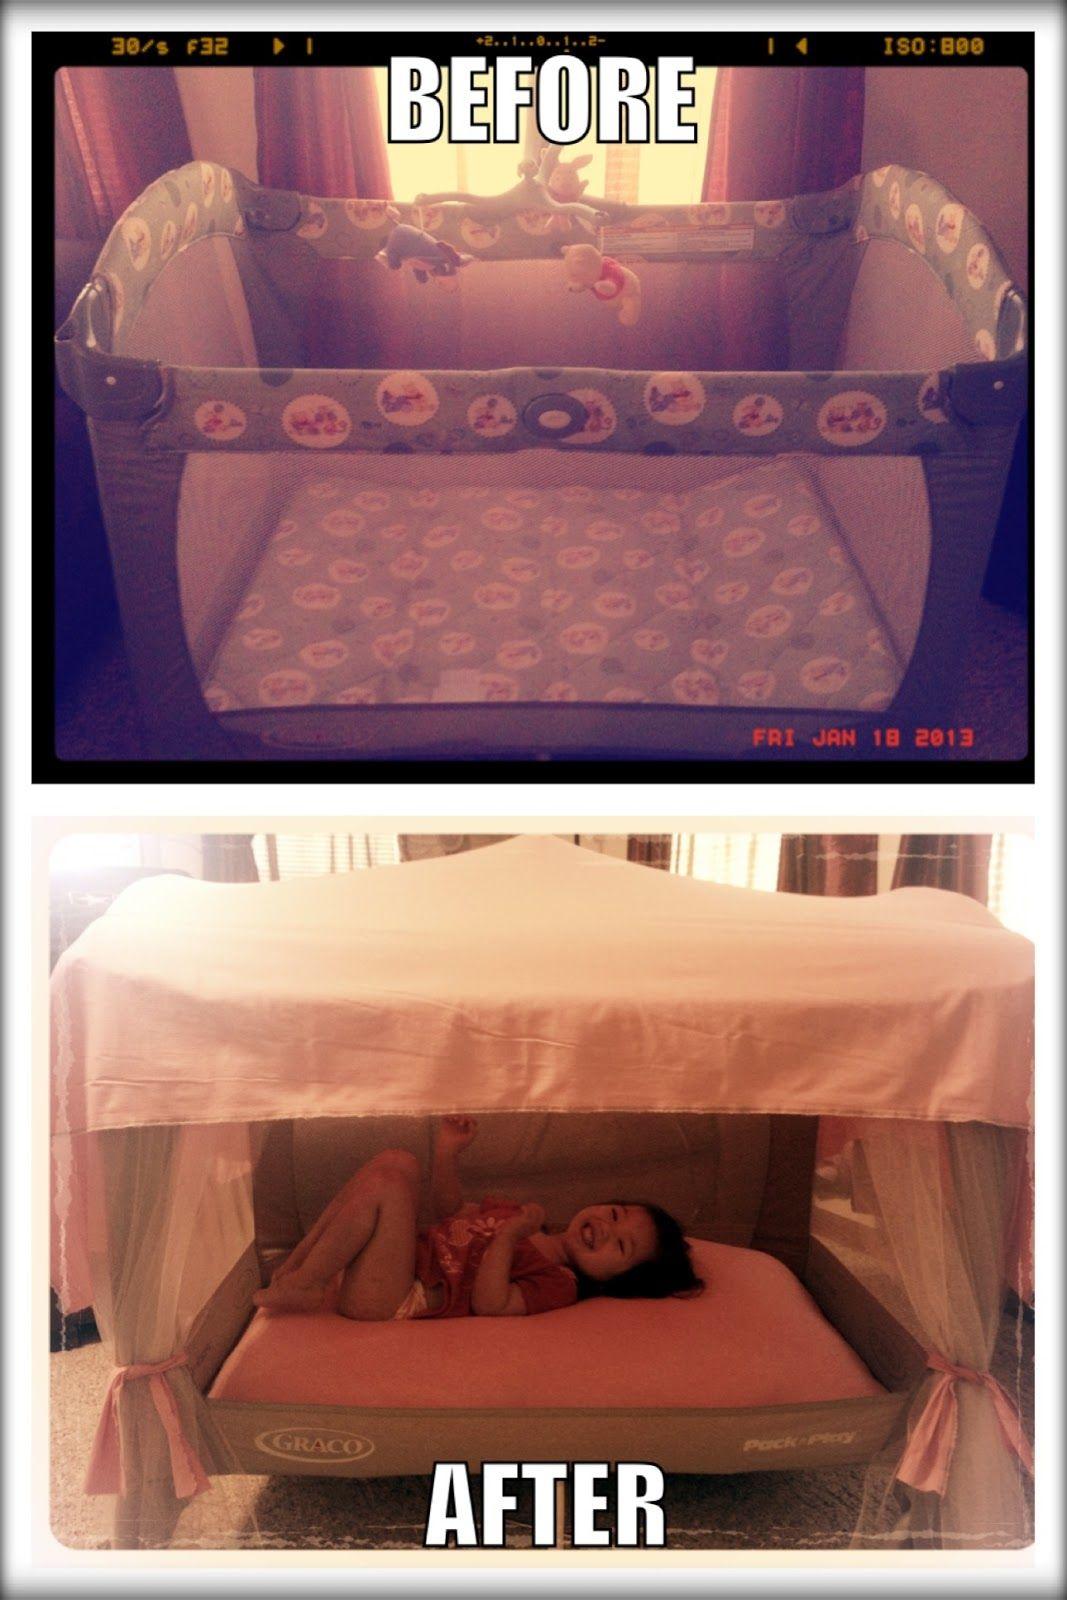 Making A Diy Toddler Bed Diy Toddler Bed Diy Toddler Toddler